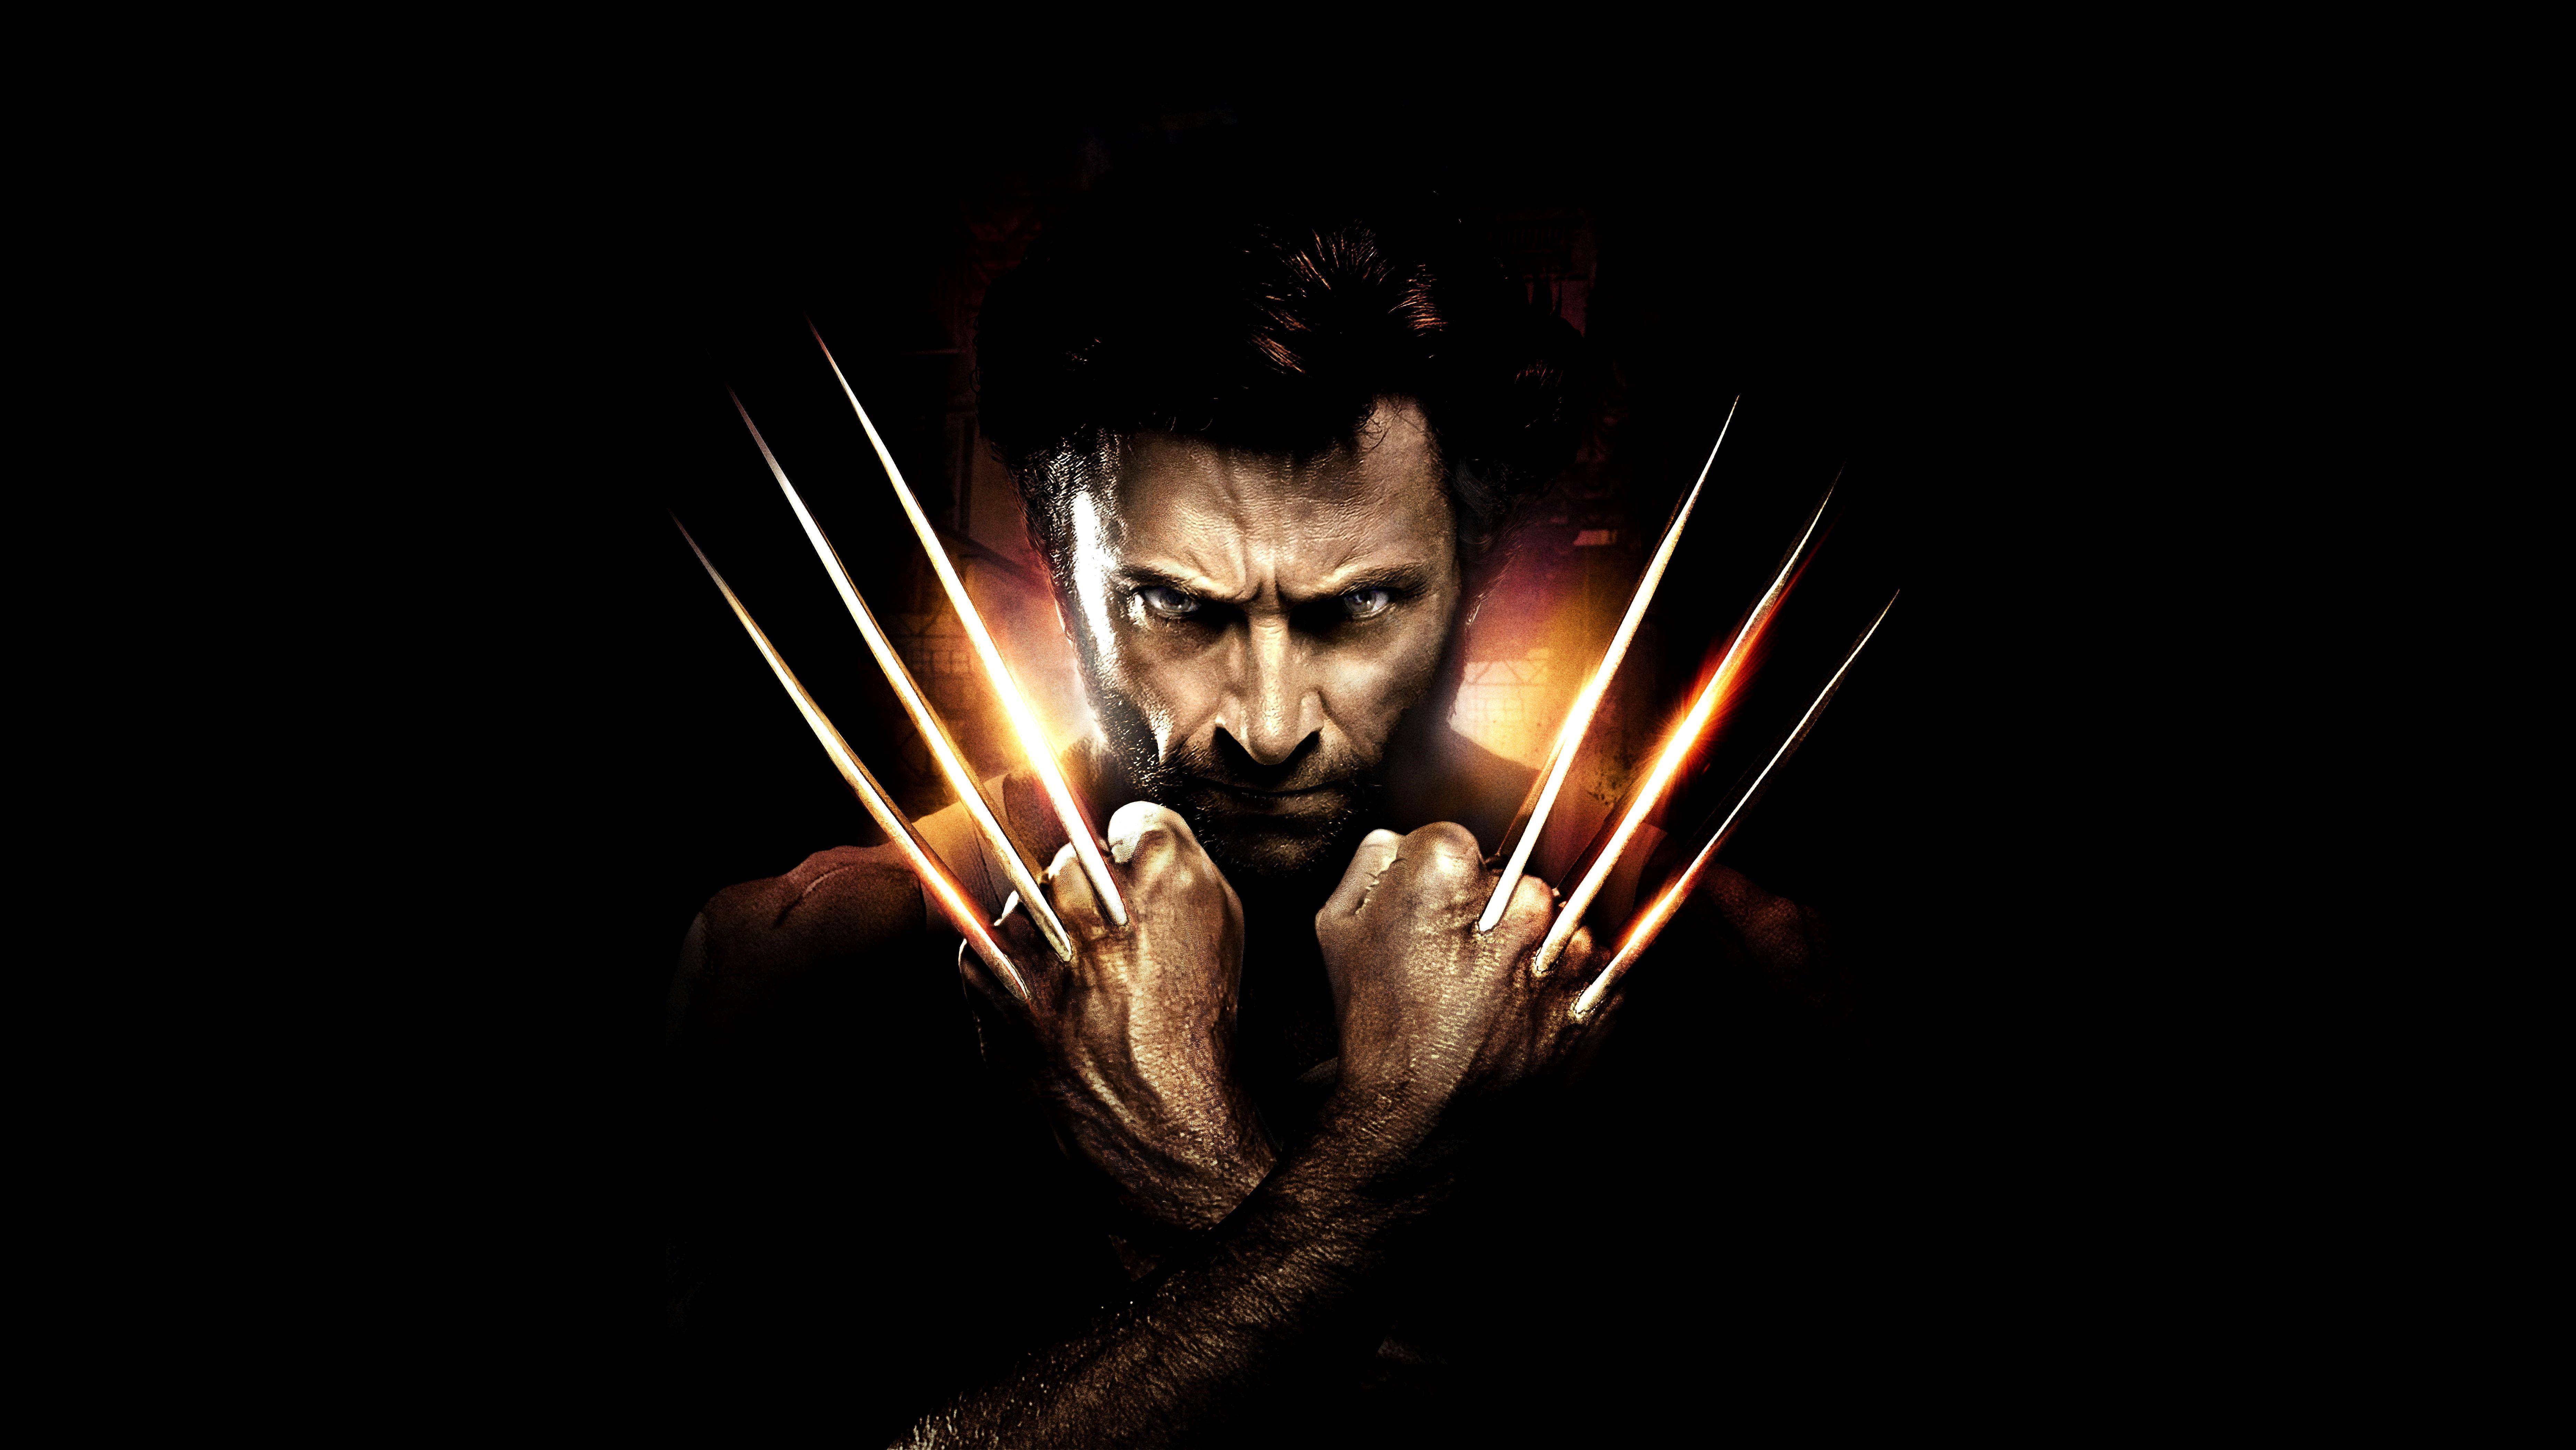 Wolverine Wallpaper 4k For Pc Trick Wolverine Logan Wolverine Jackman